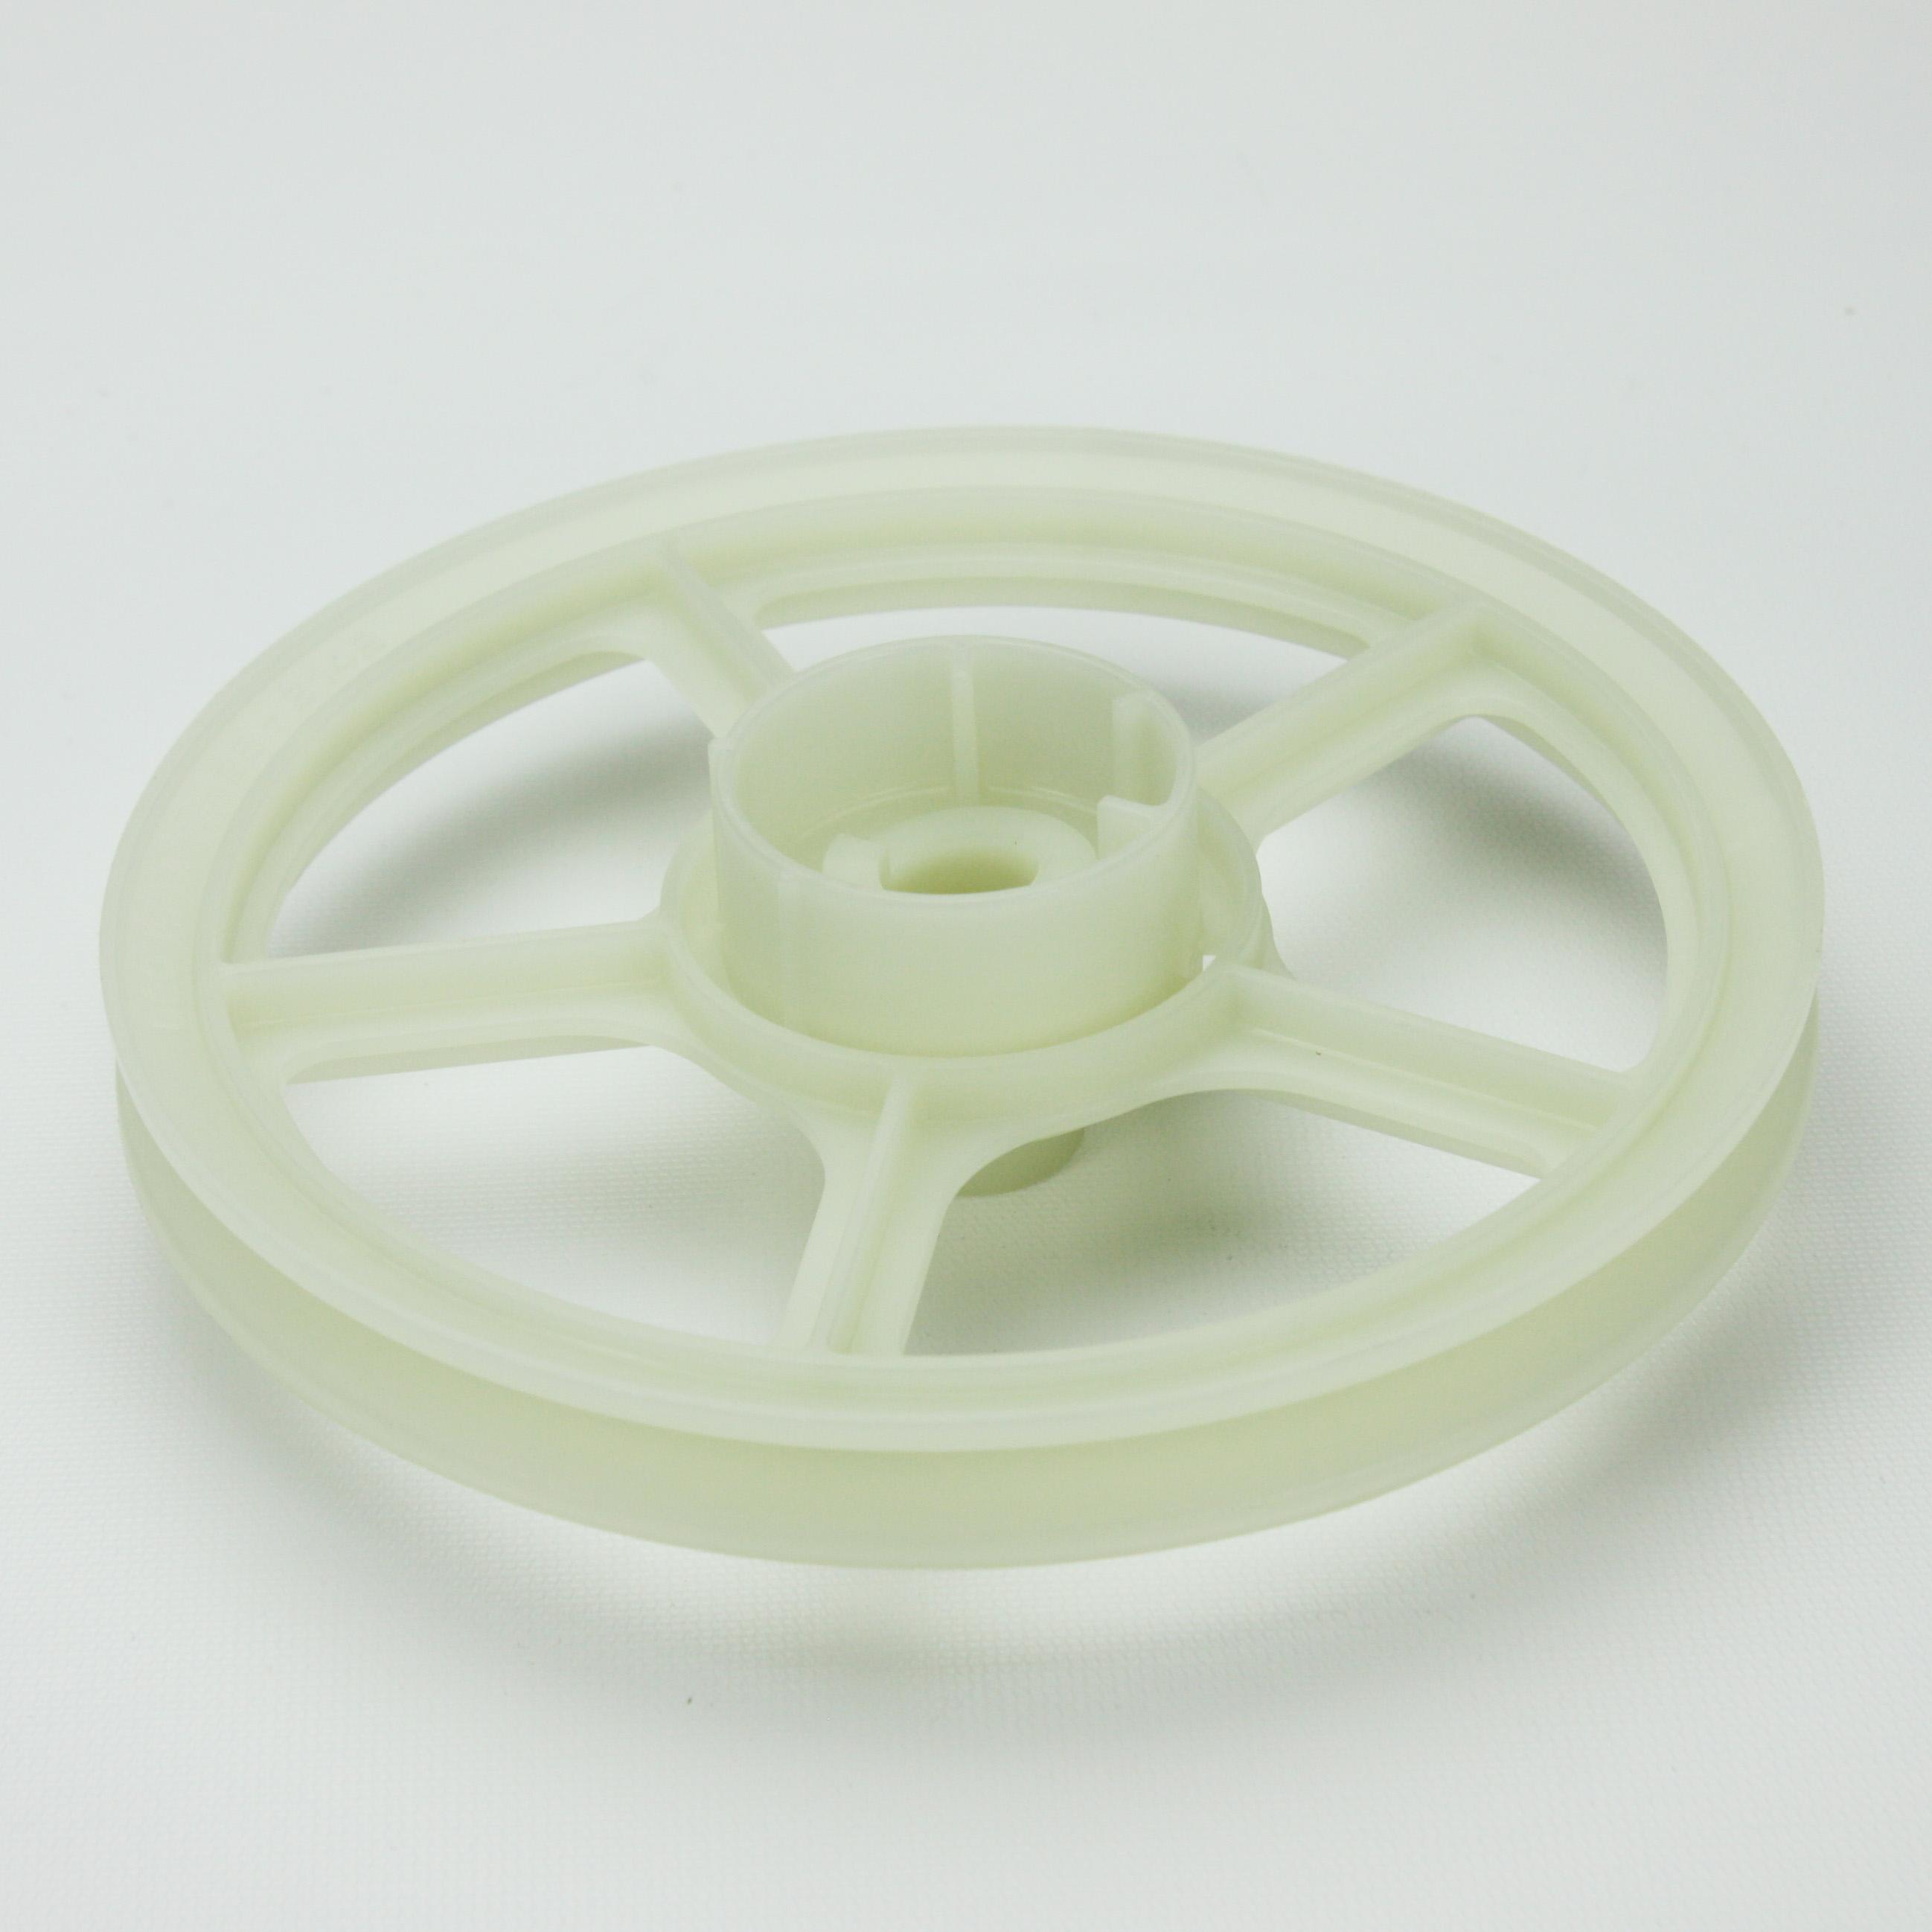 12002213 Whirlpool Washing Machine Thrust Bearing Pulley